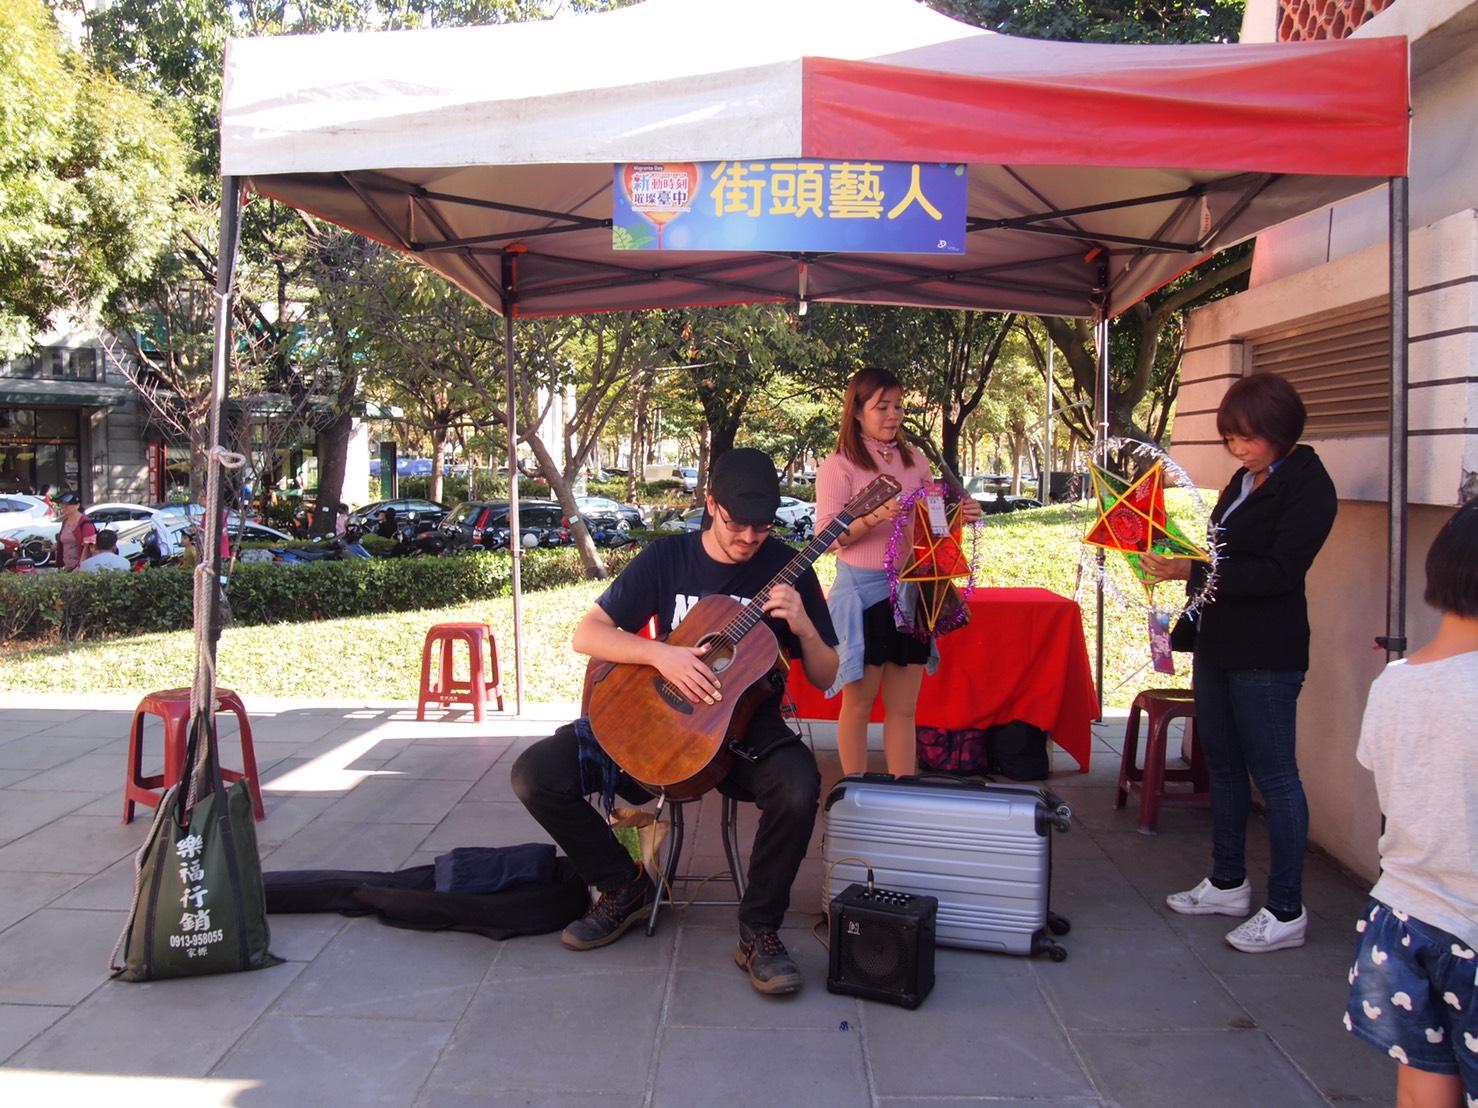 中市移民節慶祝活動 手作越南星星燈台灣燈會展出